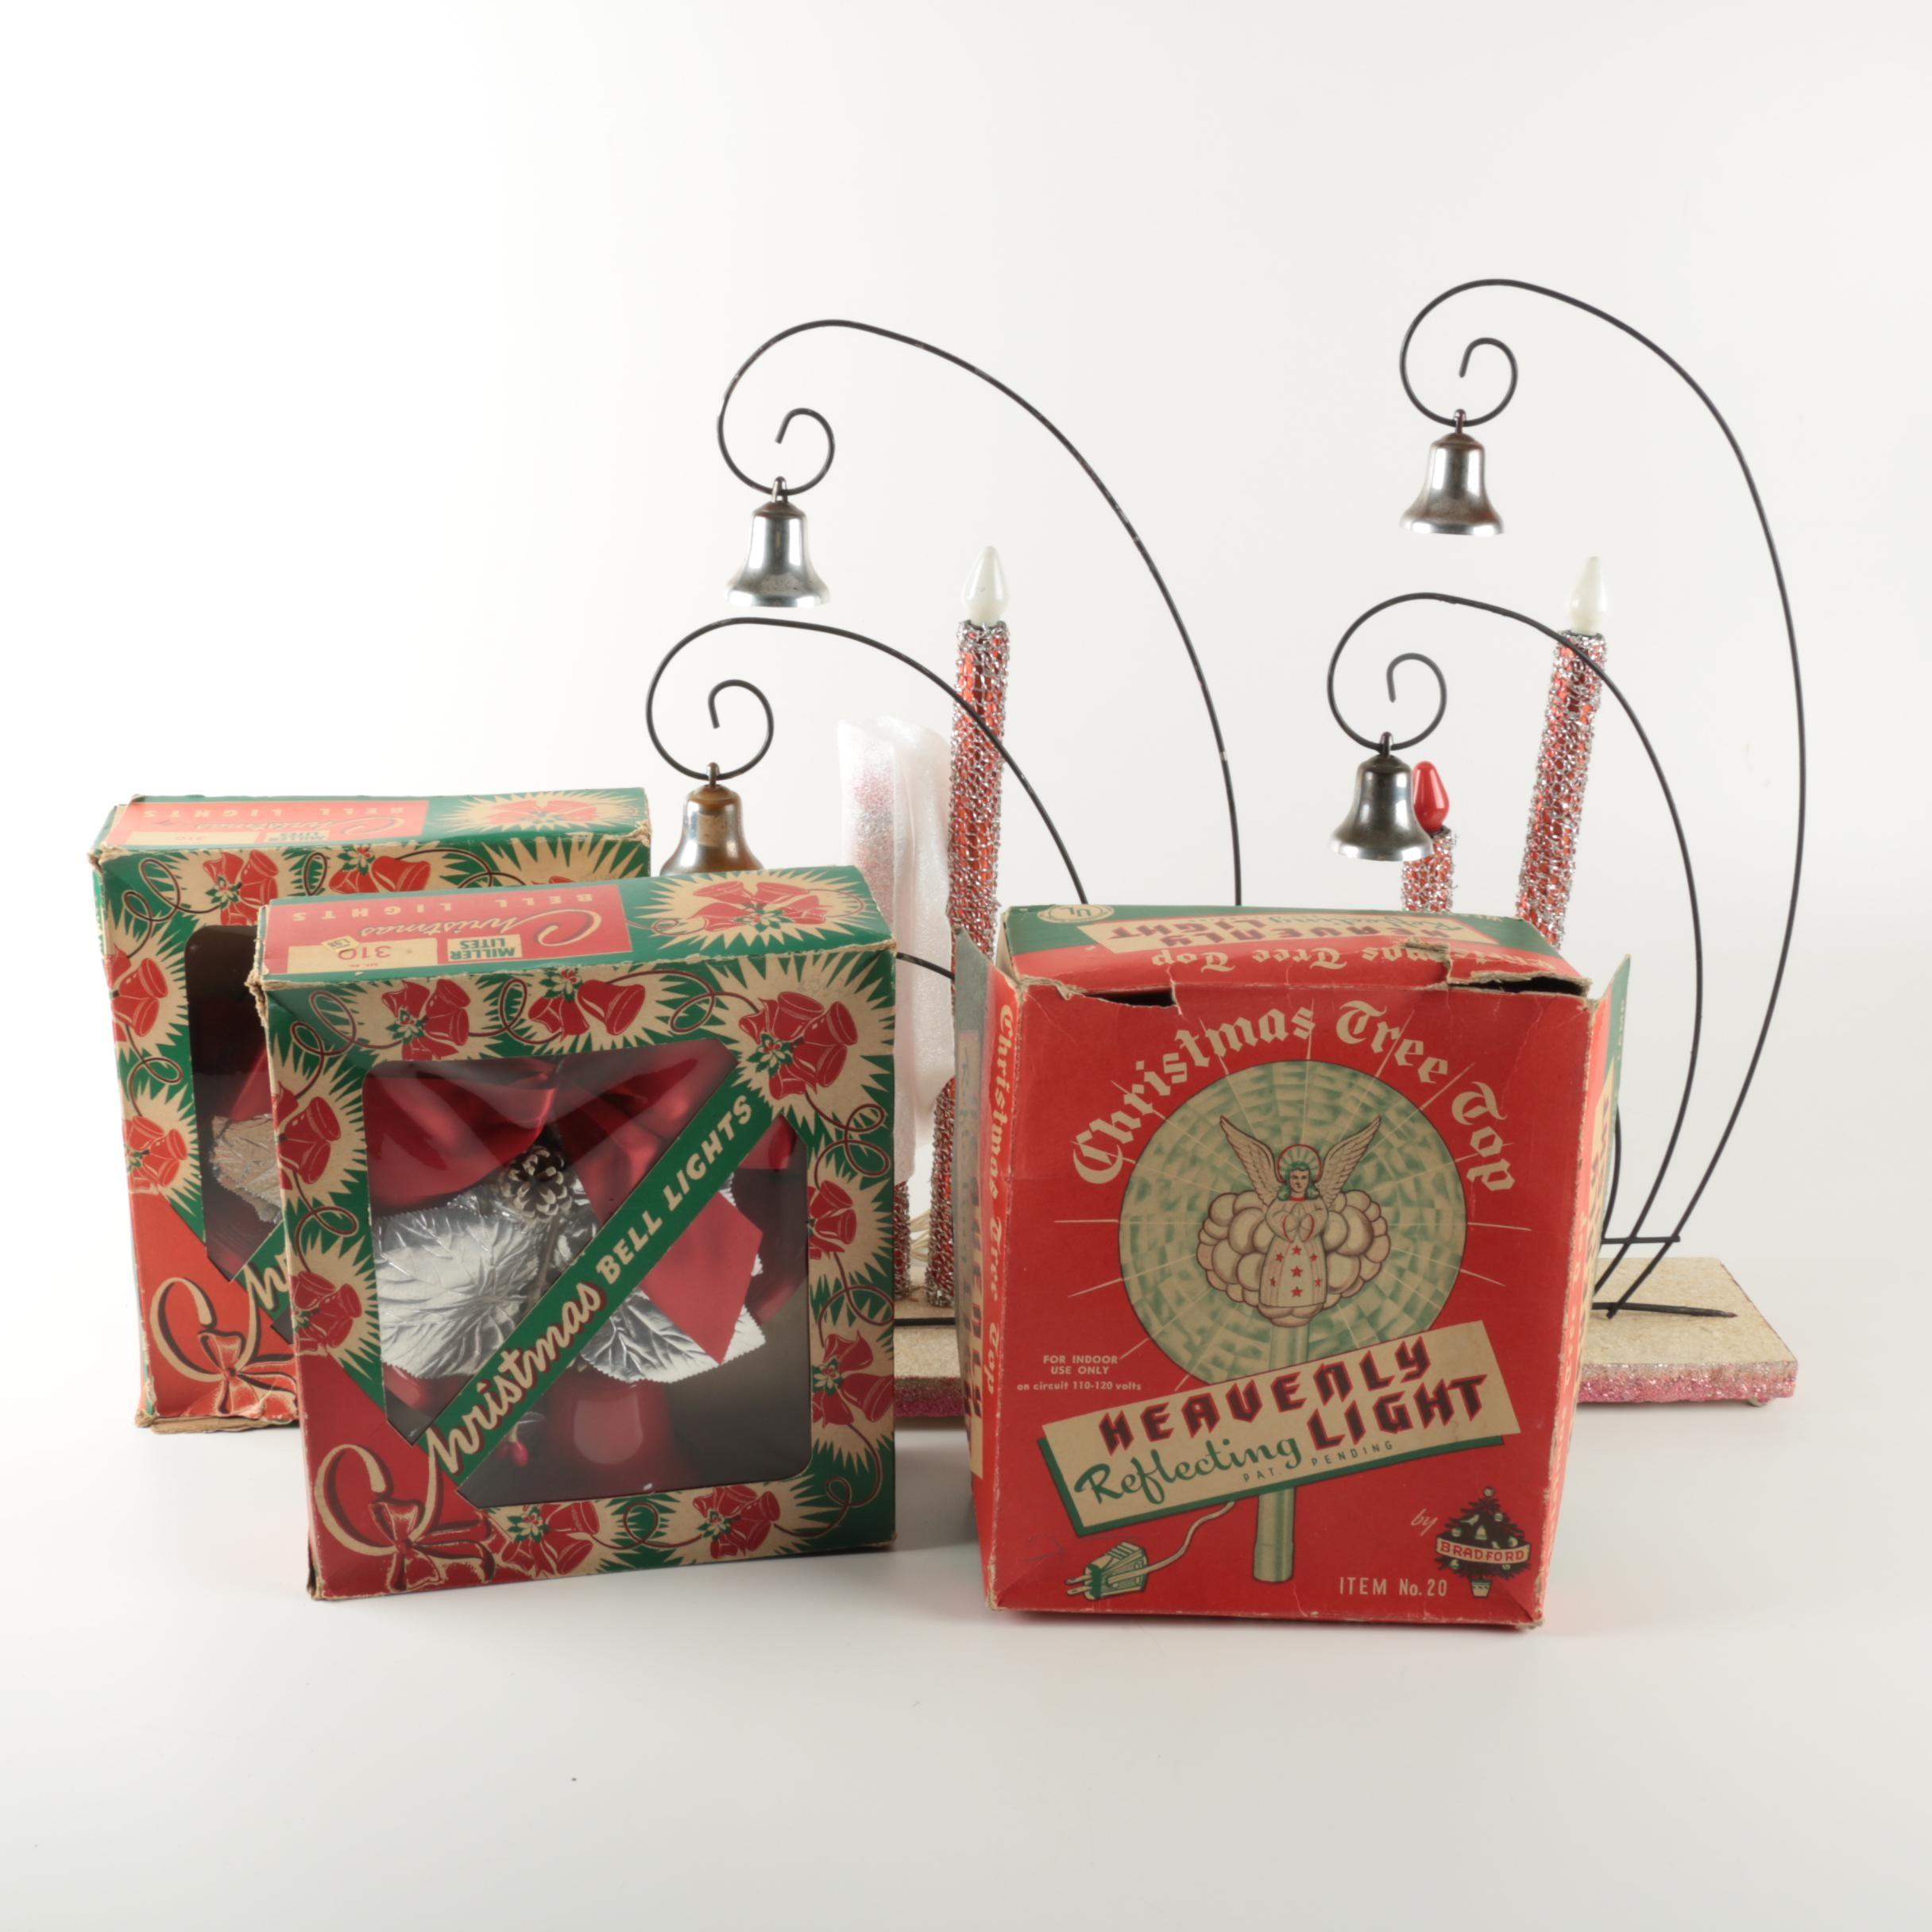 Vintage Christmas Lighting Assortment Including Miller-Lites